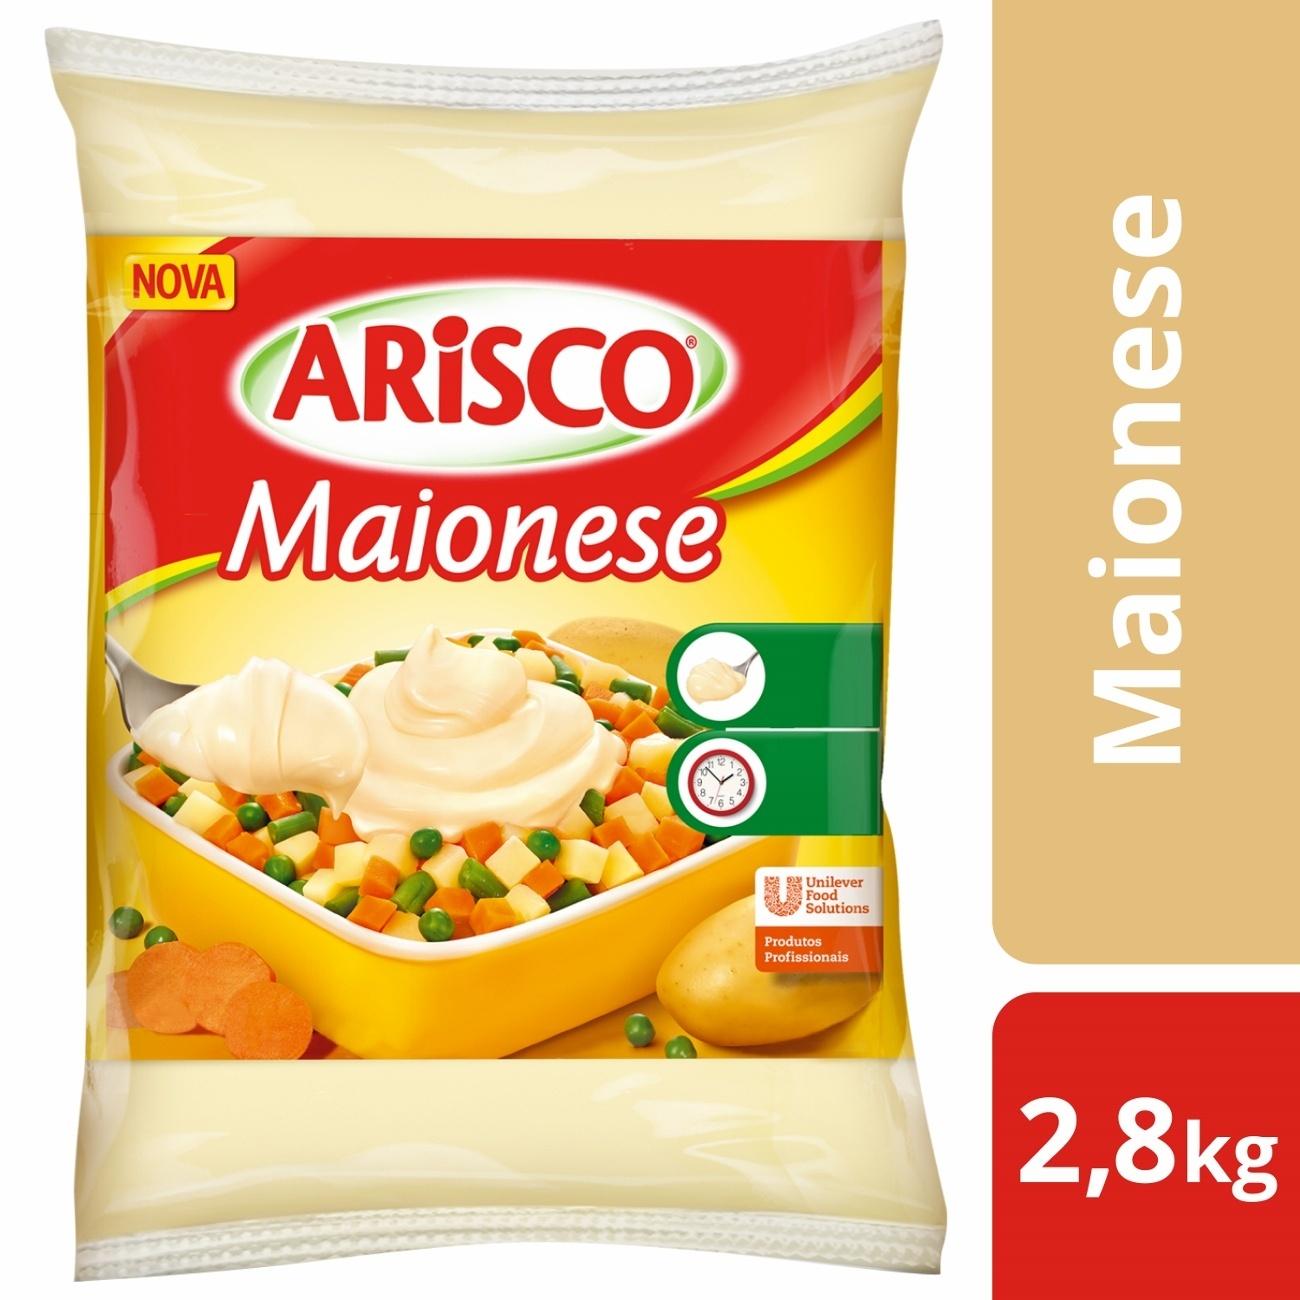 Maionese Arisco Bag 2,8kg | 1 unidades